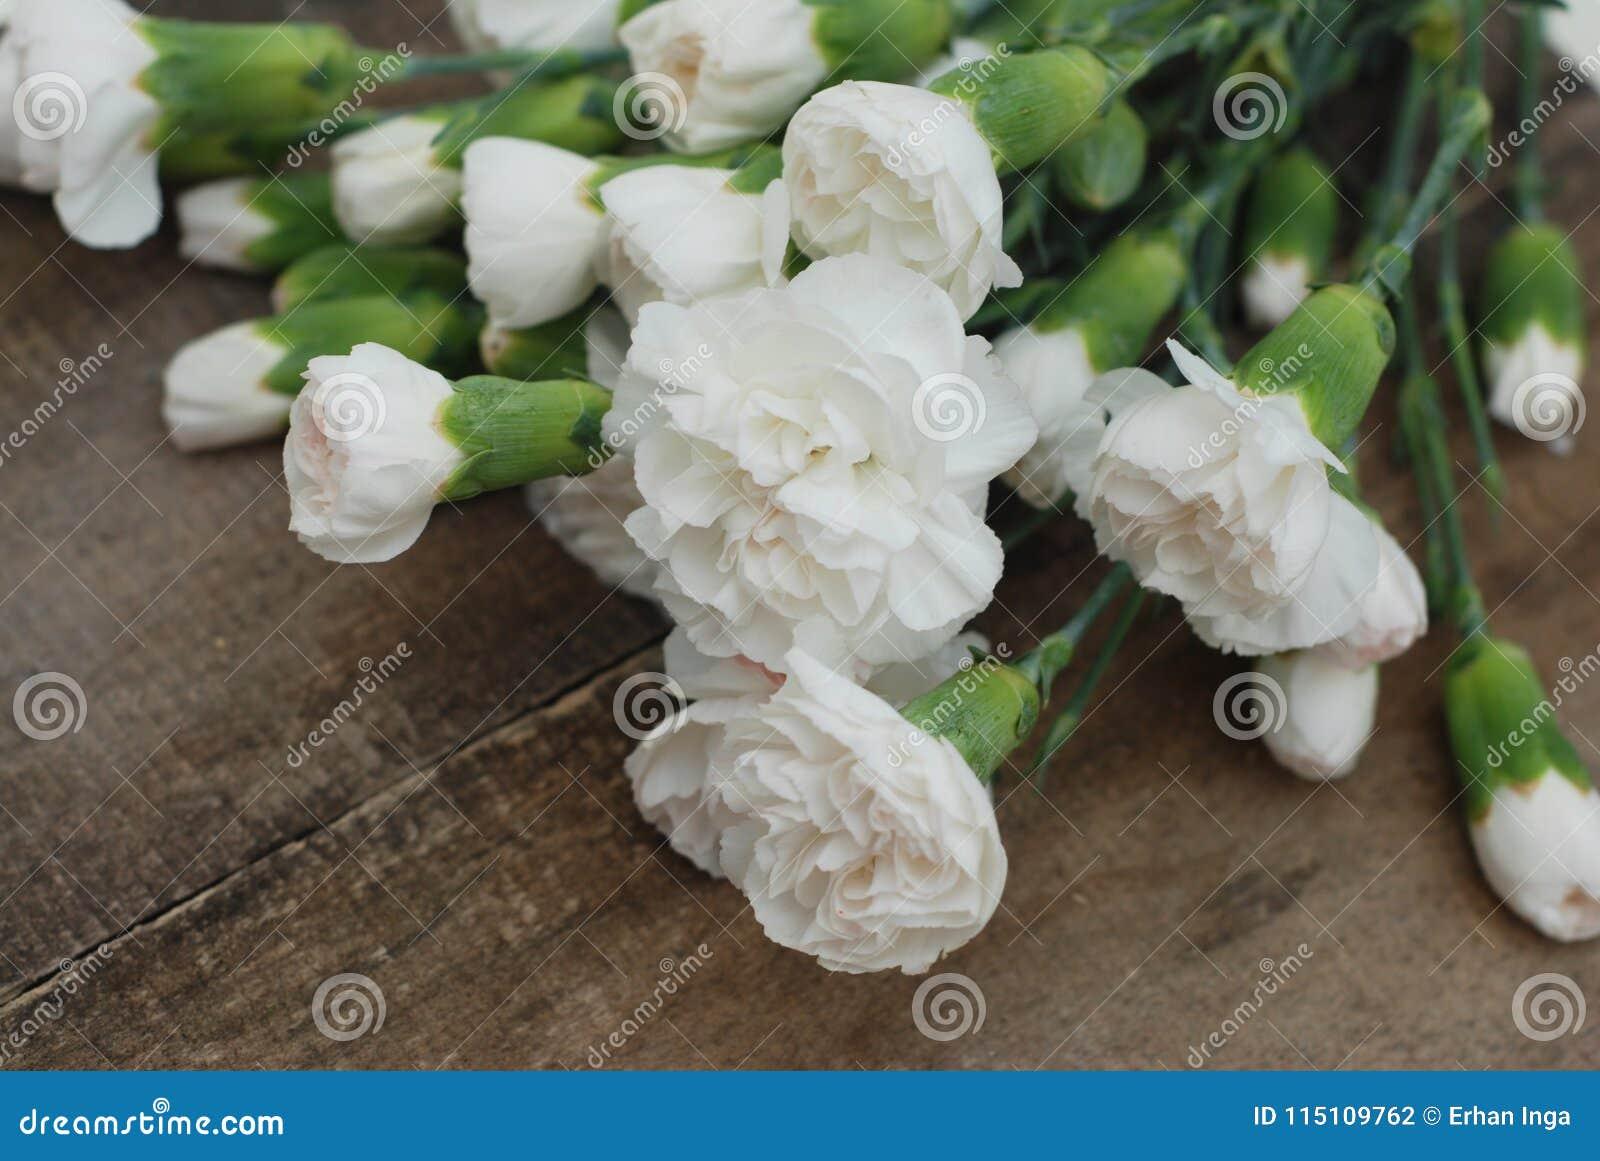 Bunch White Carnation Flower Bouquet Arrangement Composition Rustic